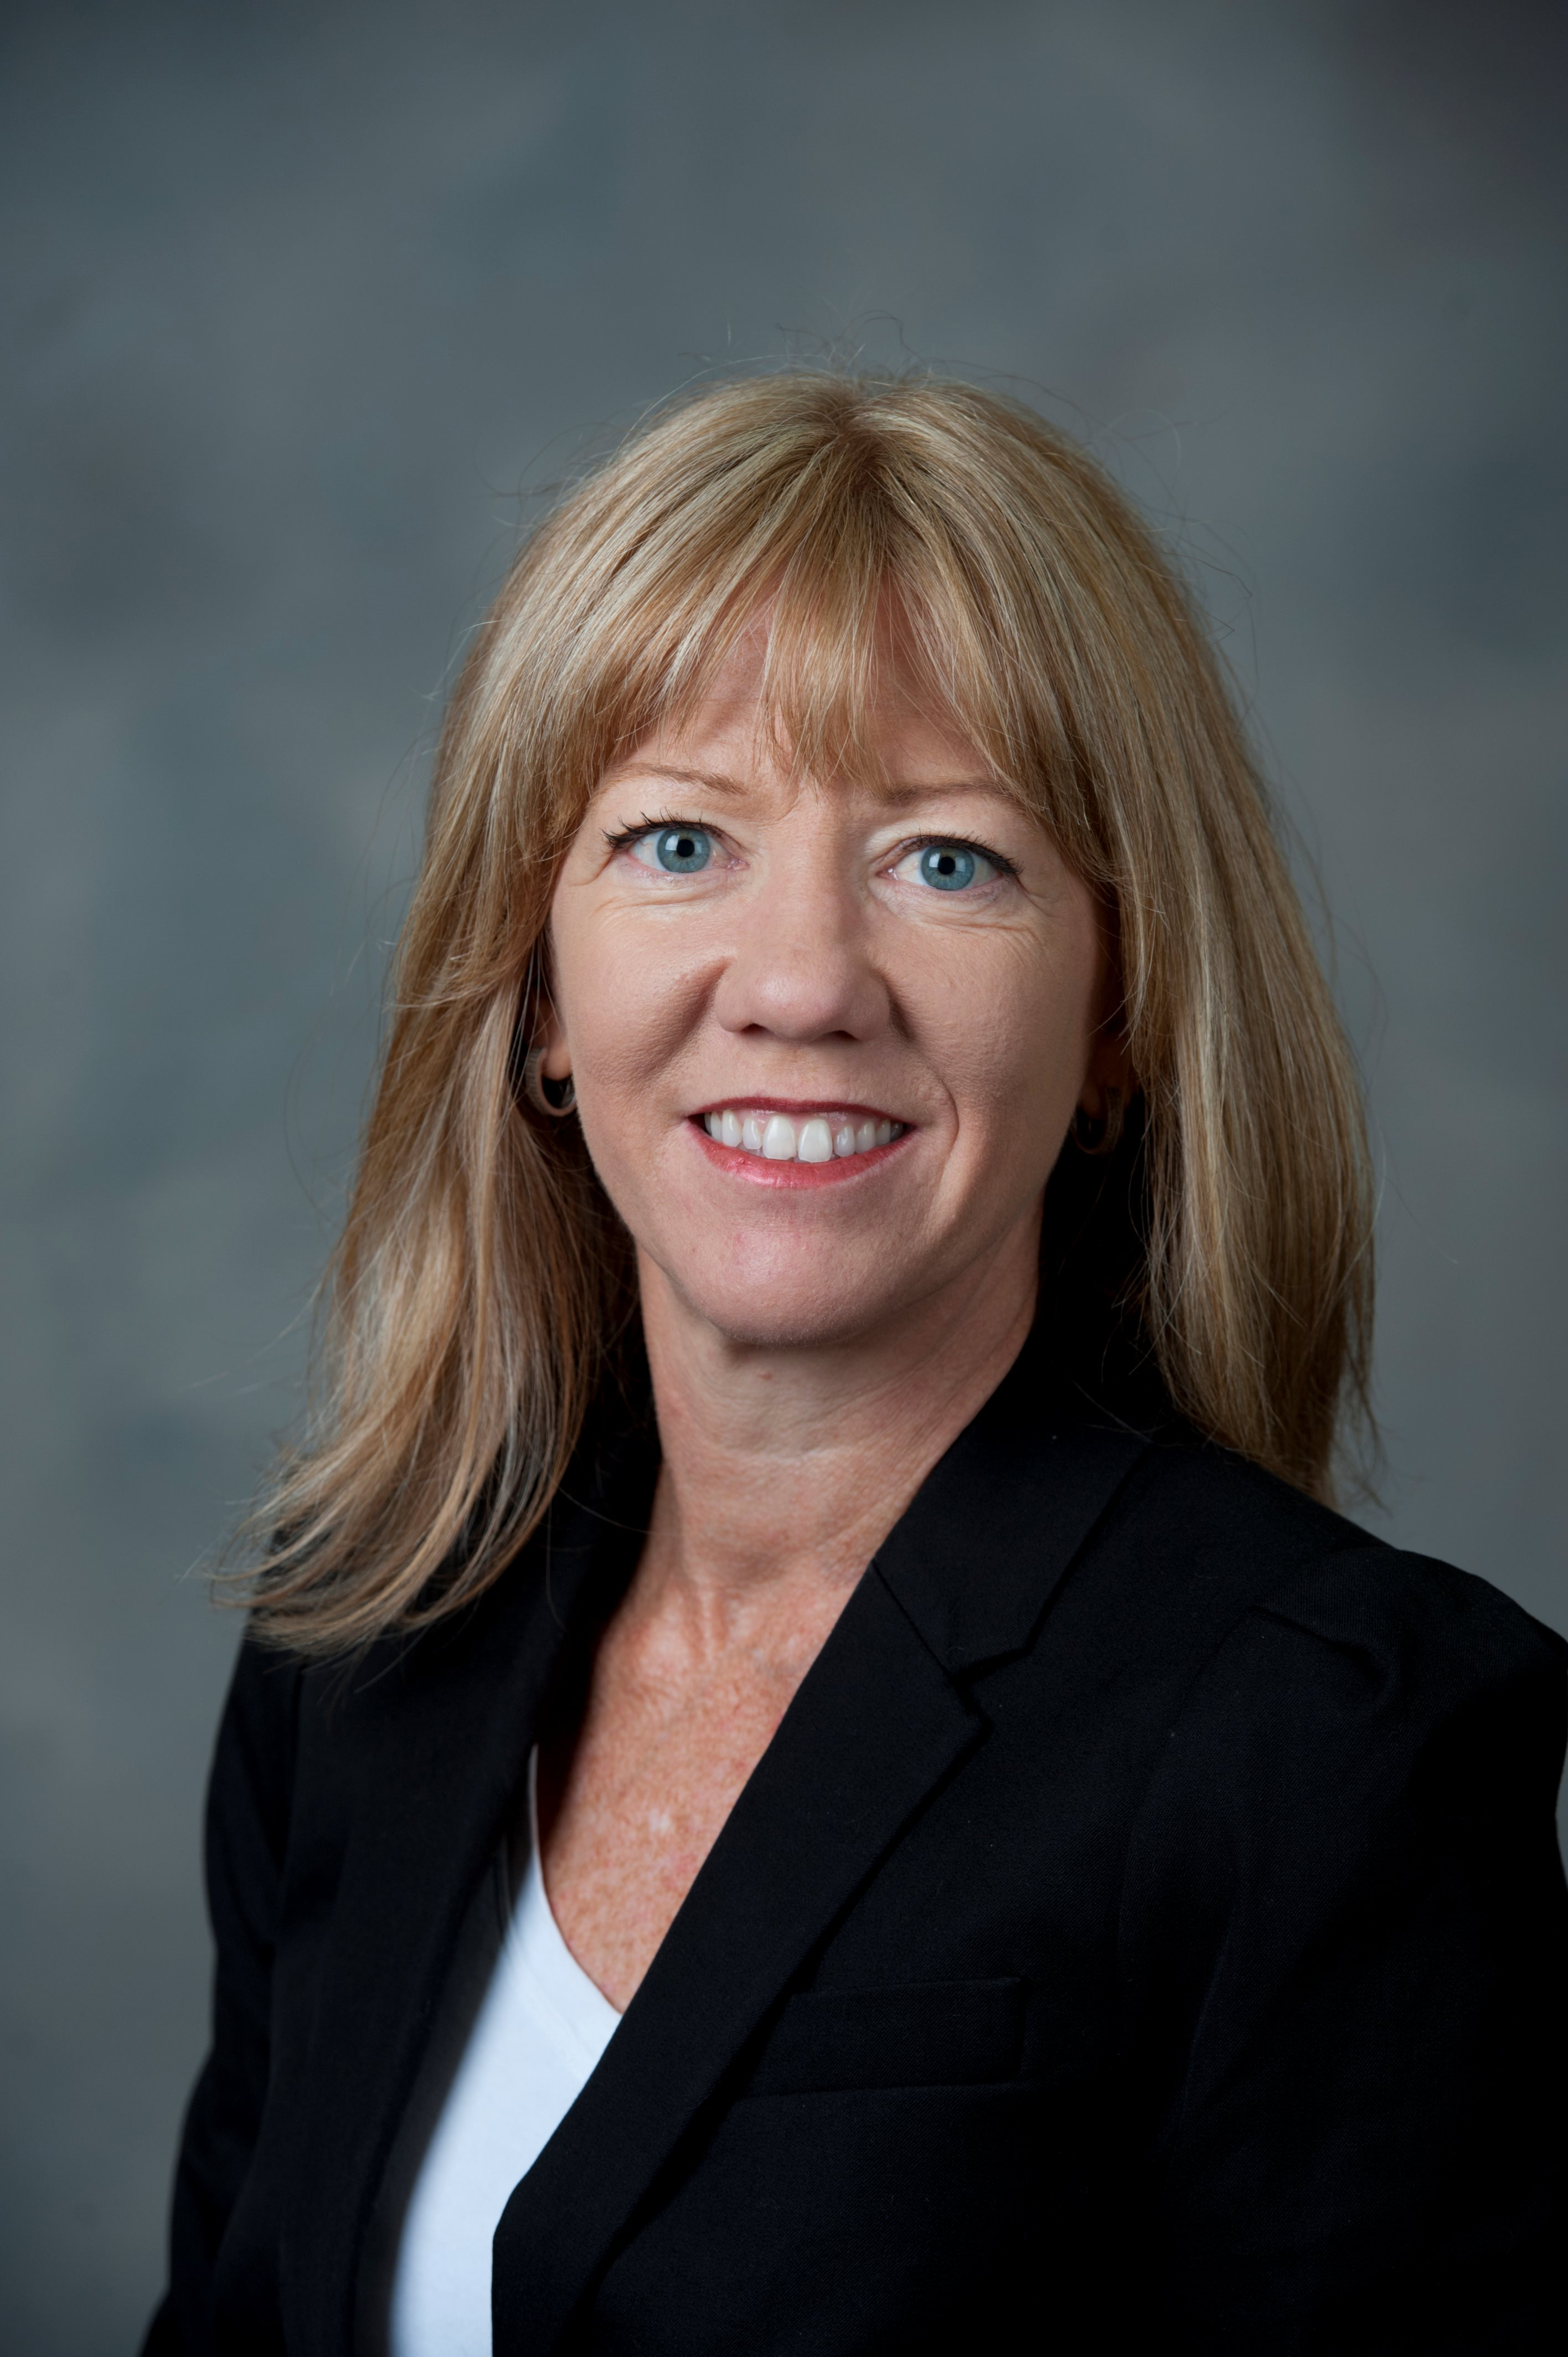 Dr. Julie Justice